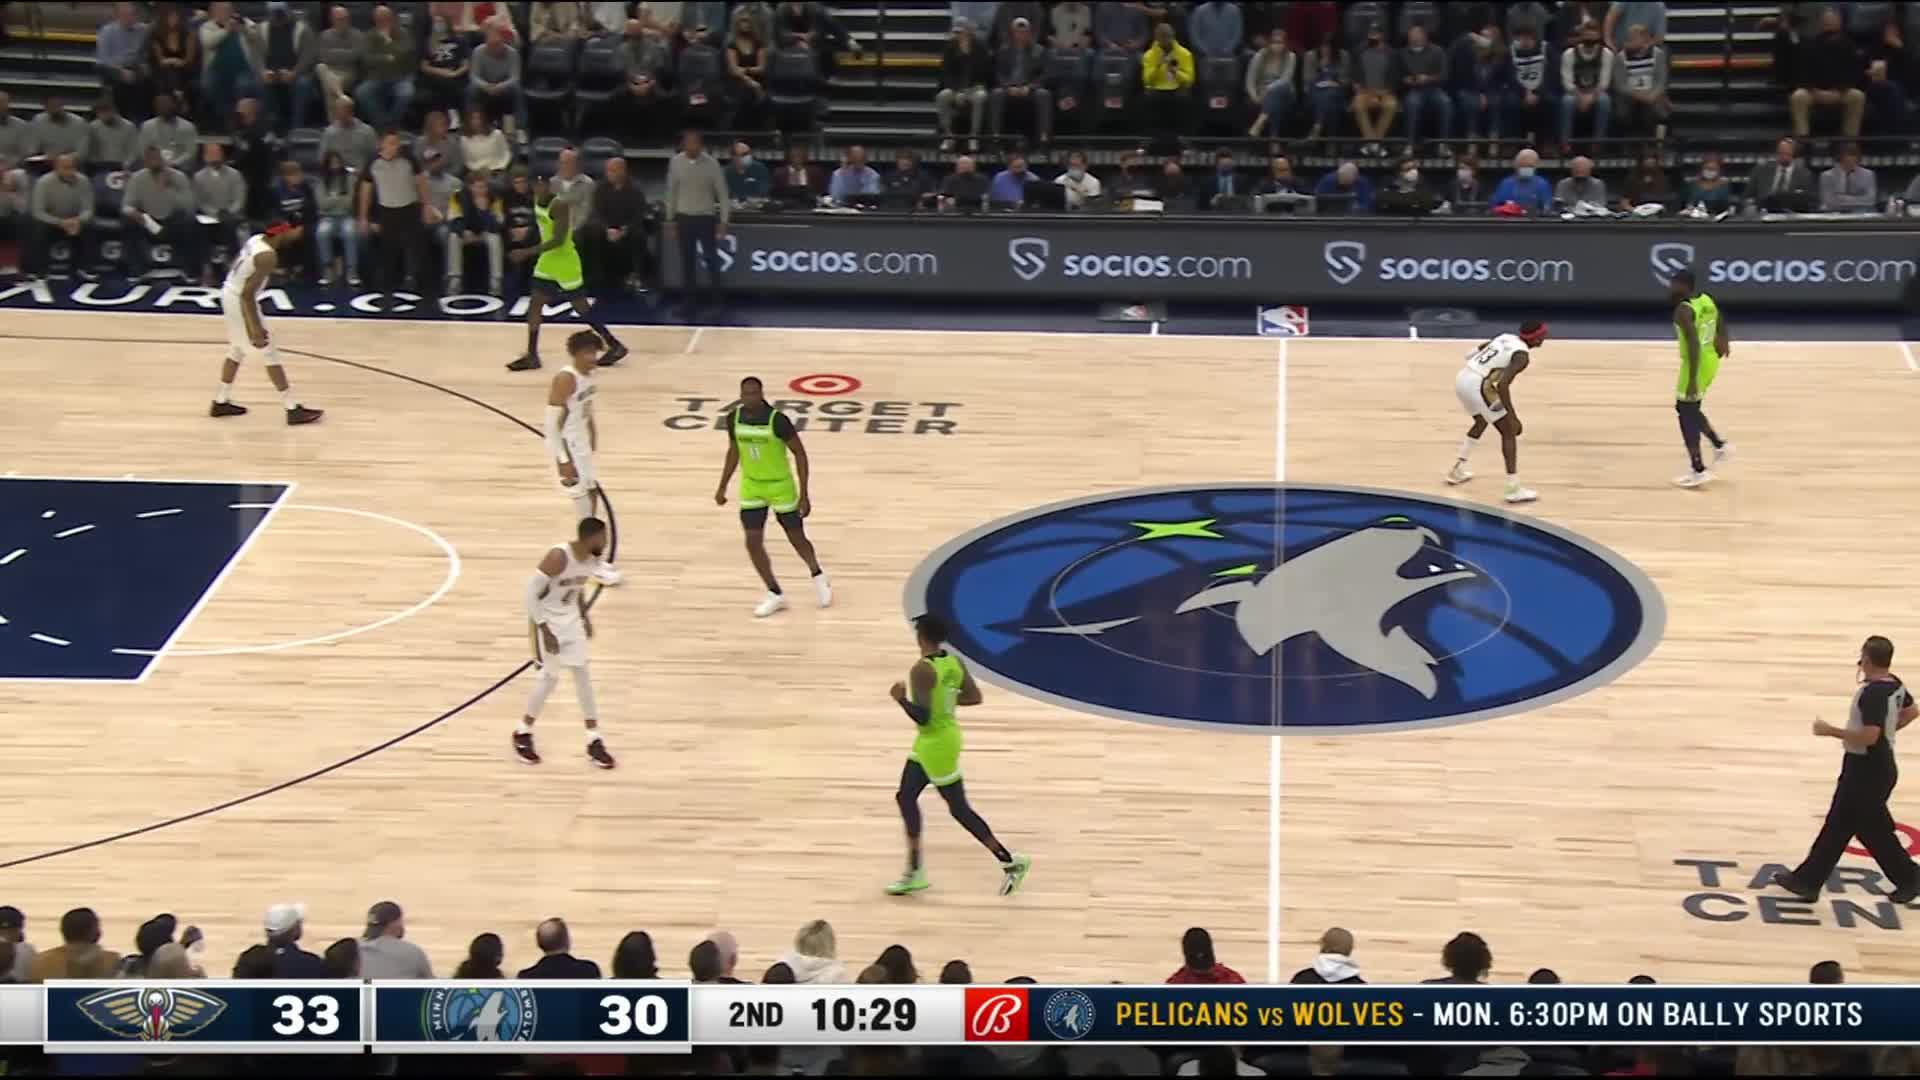 3-pointer by Naz Reid